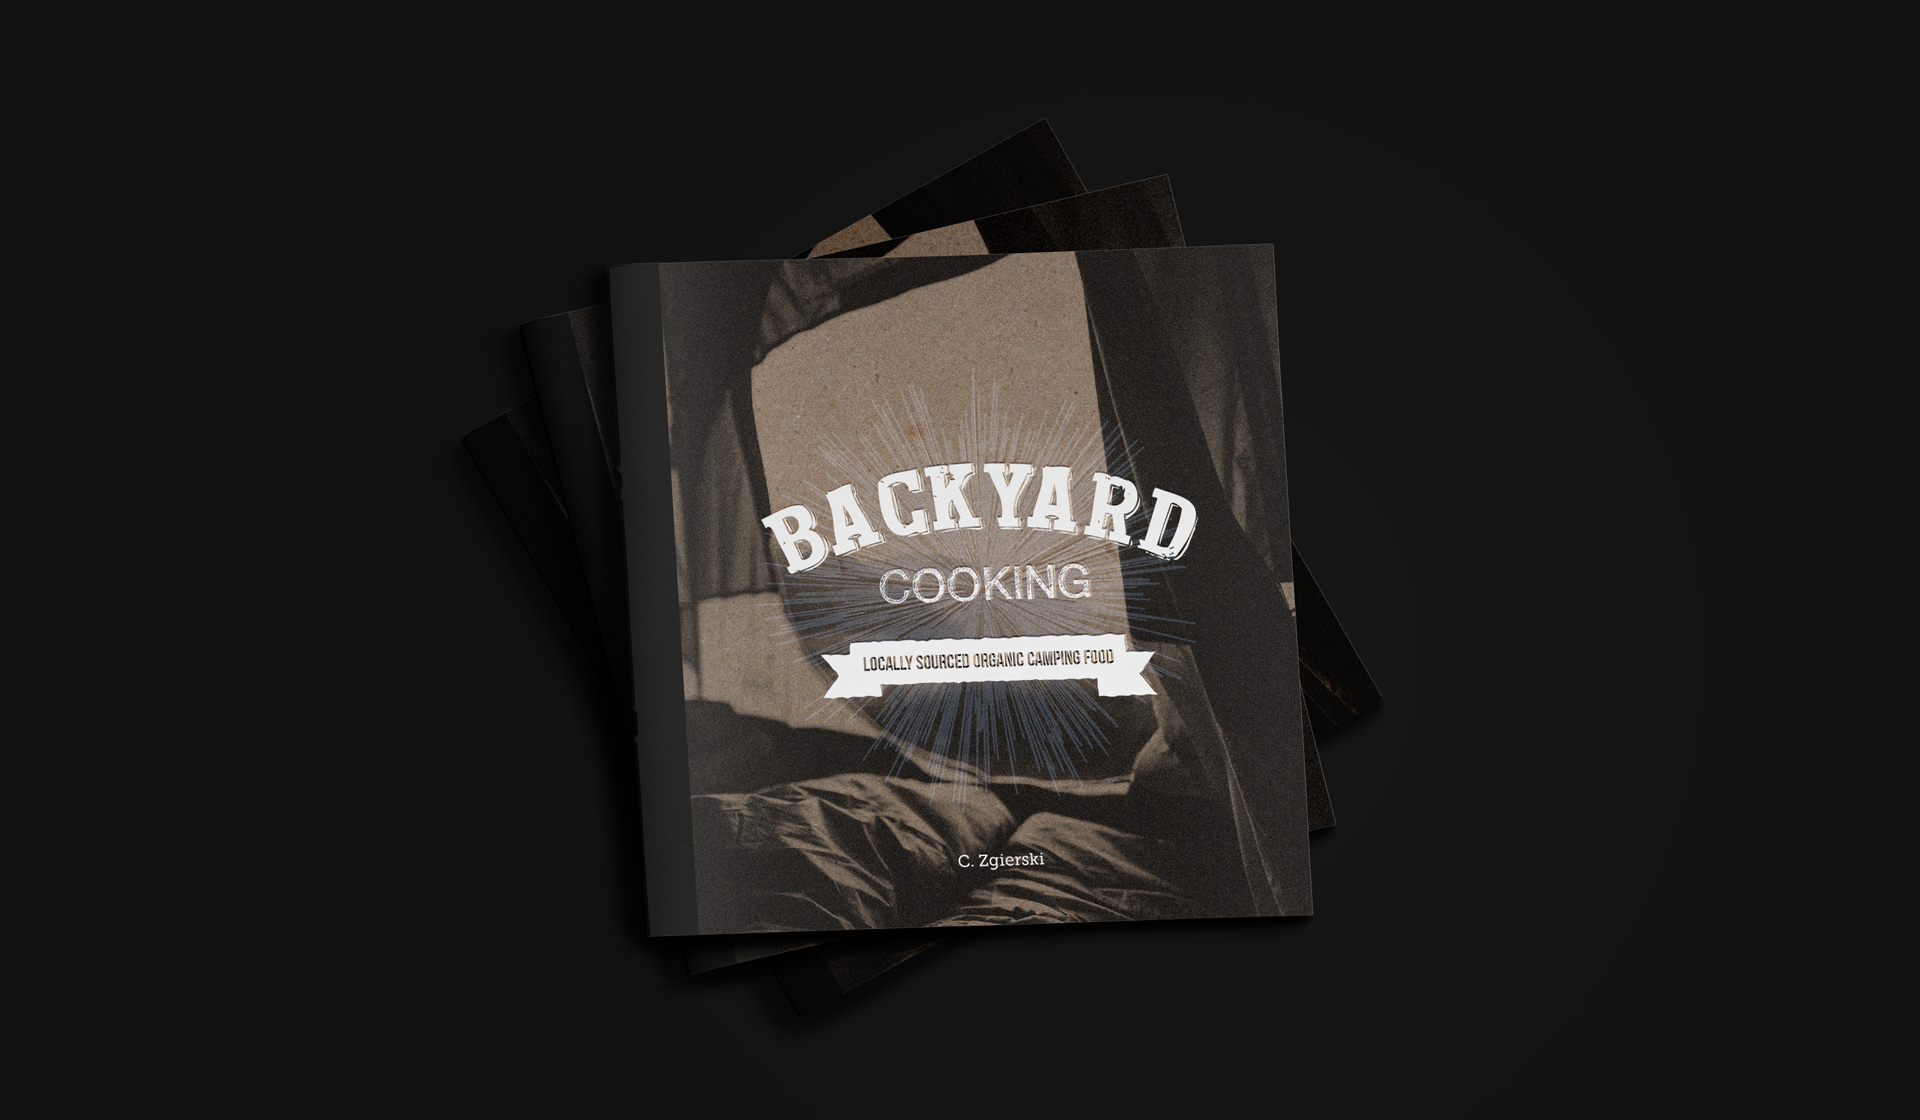 Backyard4